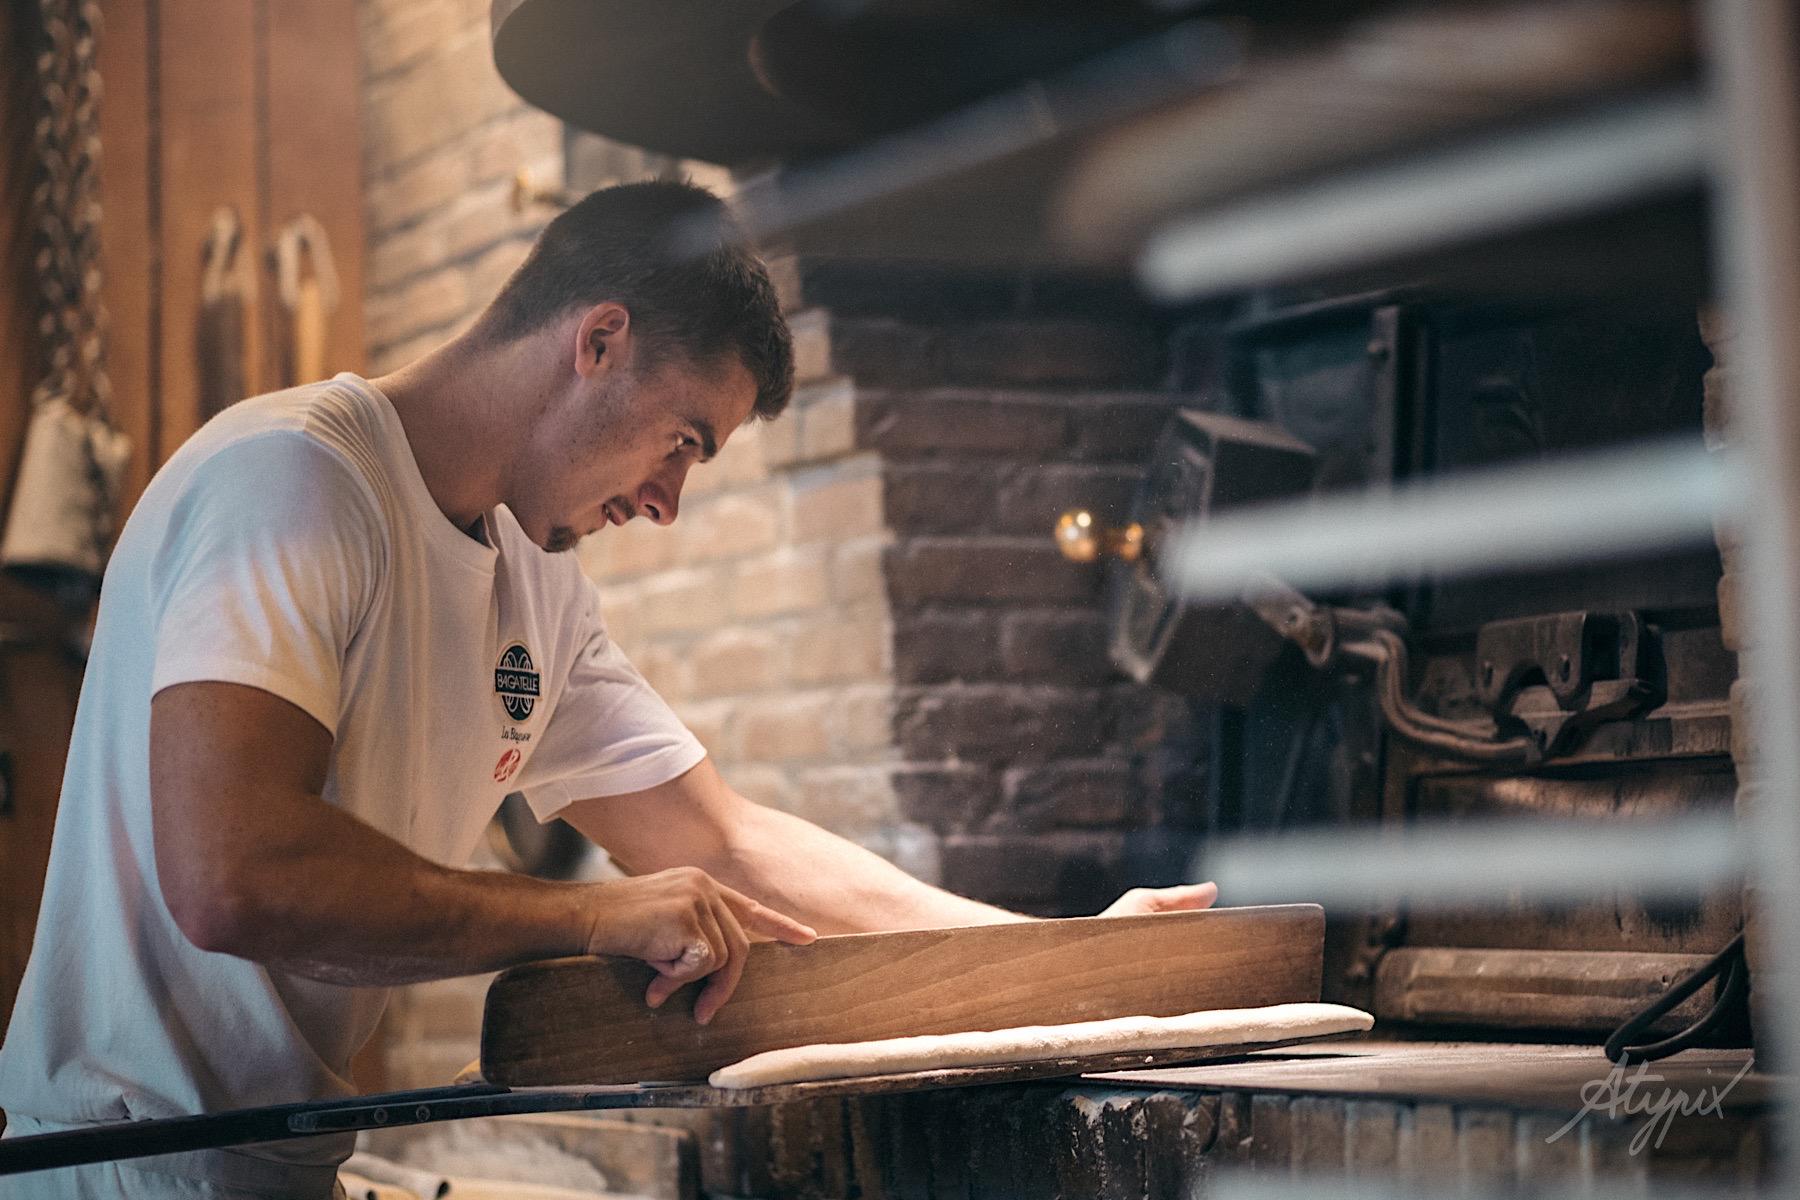 photographe métier boulanger